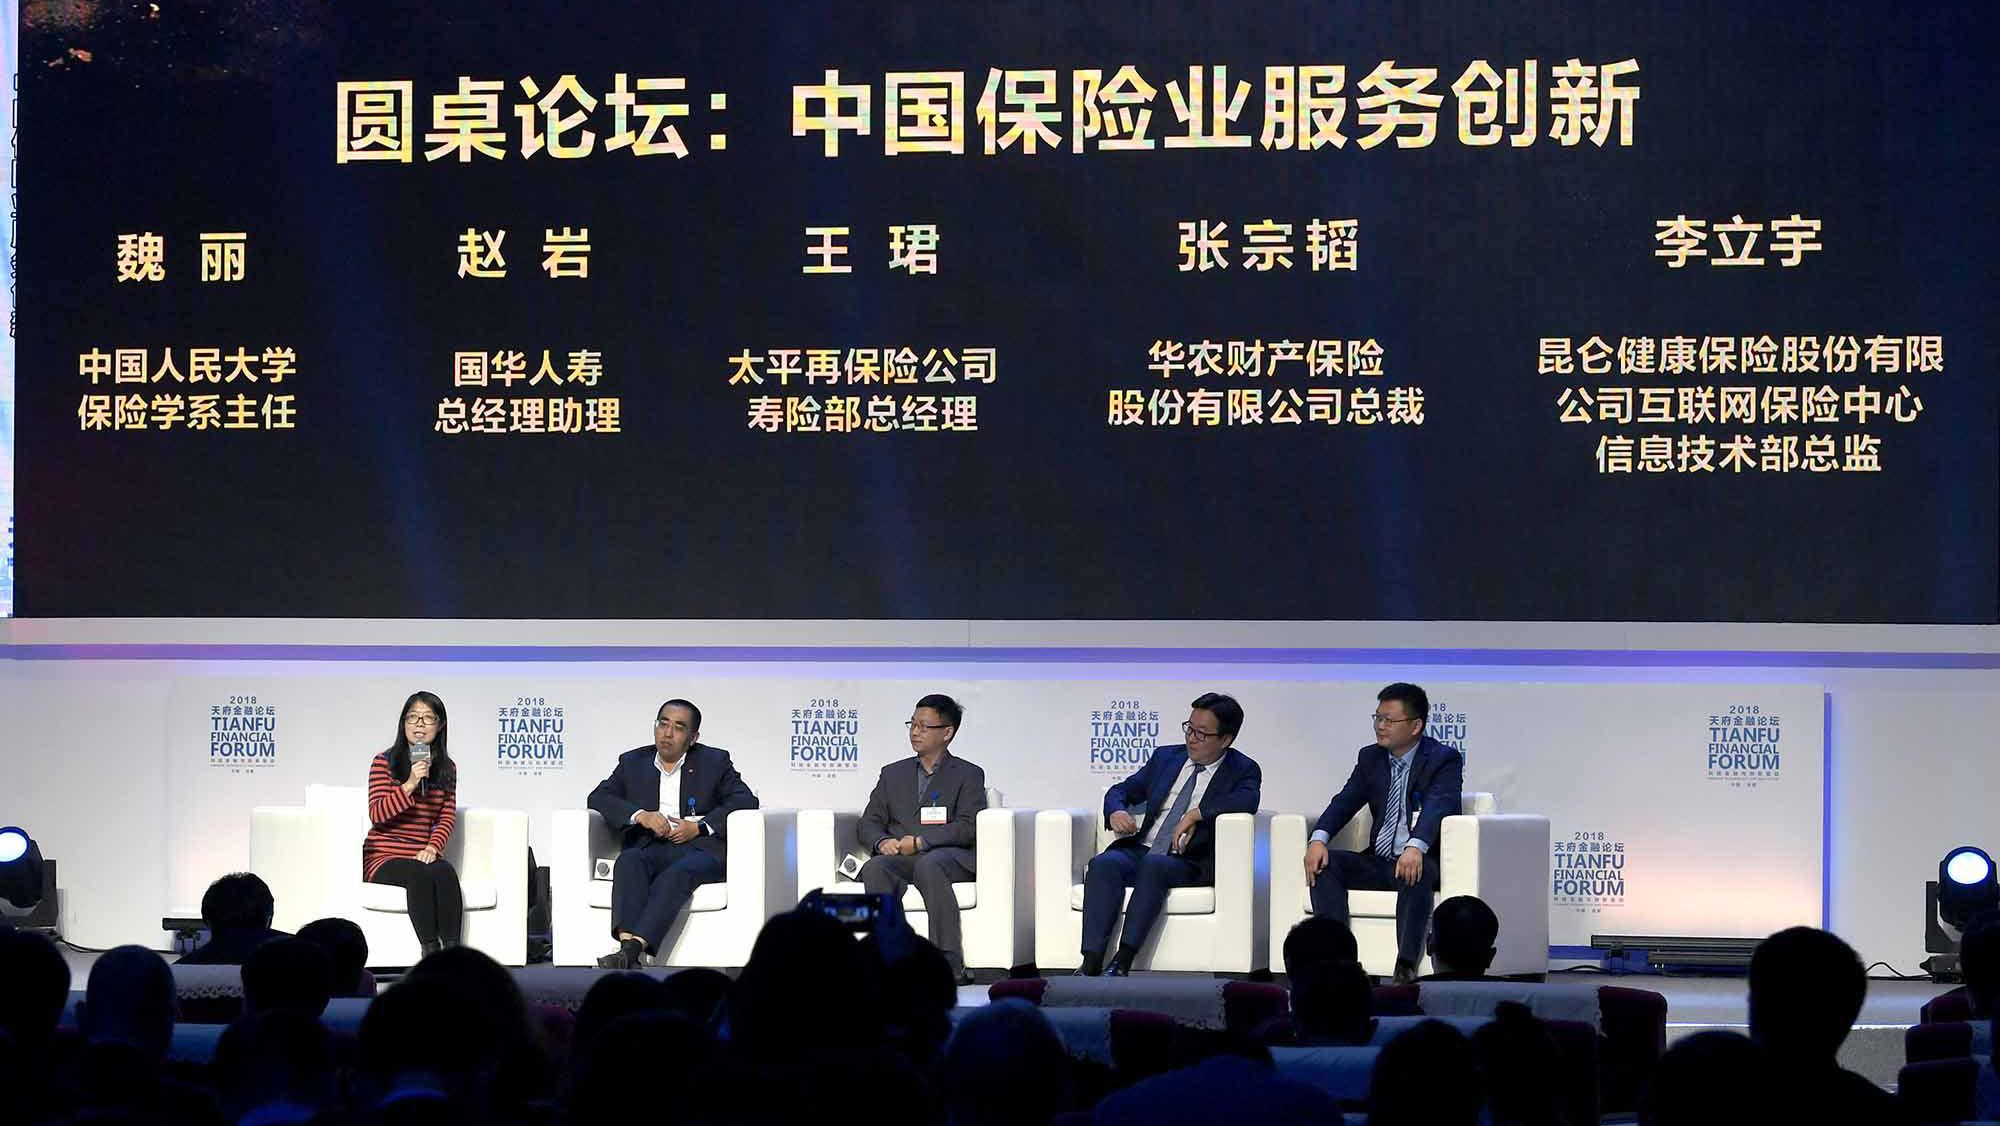 圆桌论坛:保险业服务创新宗旨是更好地为客户服务